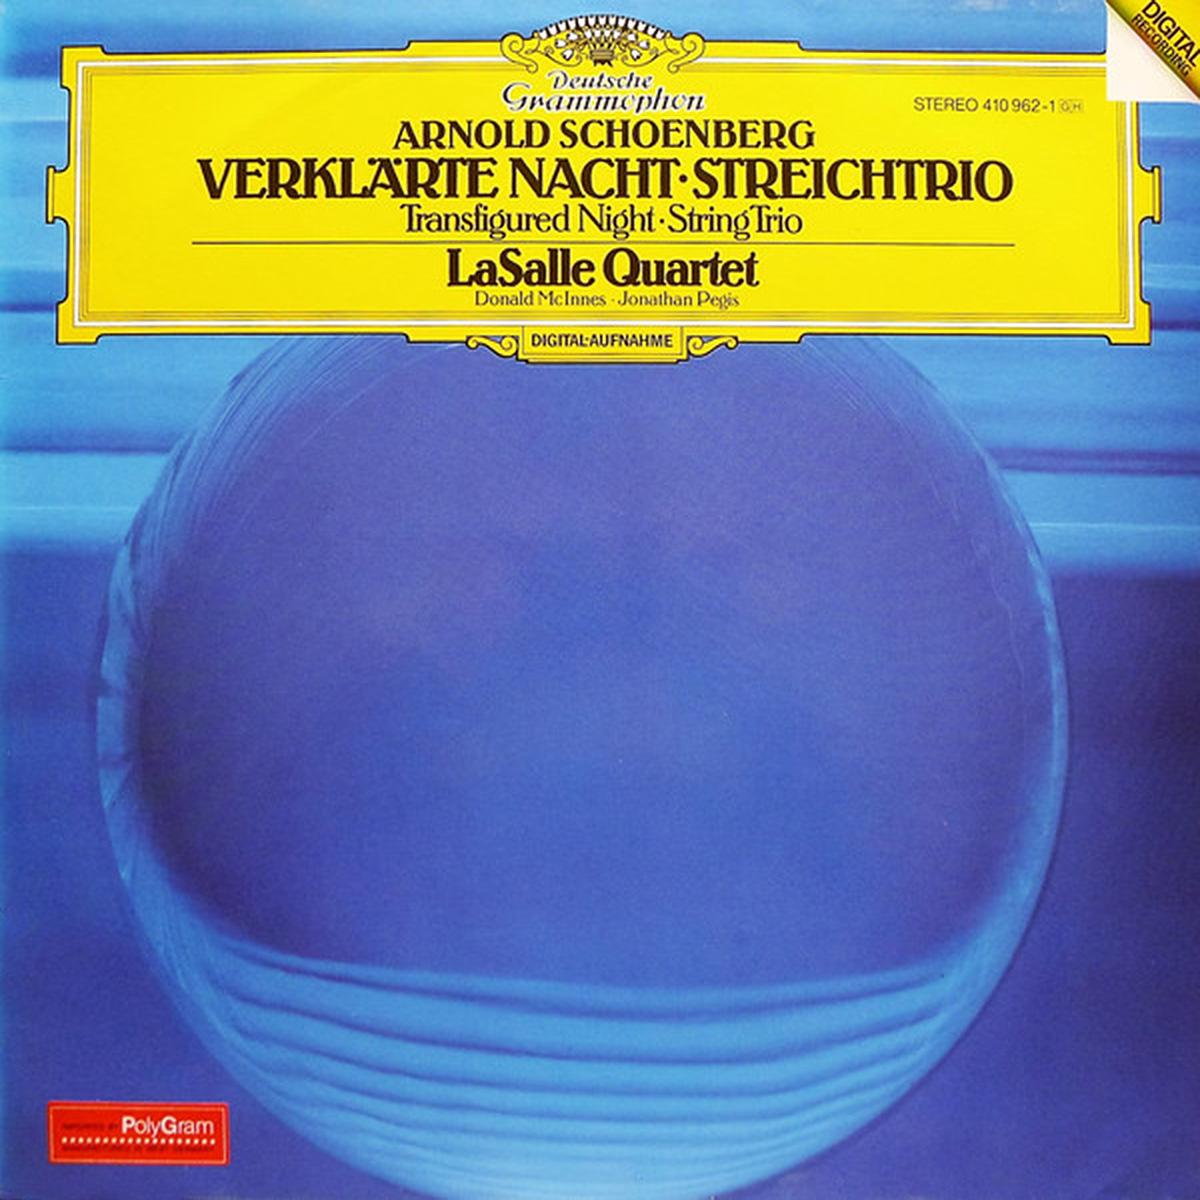 DGG 410 962 Schoenberg Verklarte Nacht LaSalle Quartet Digital Aufnahme